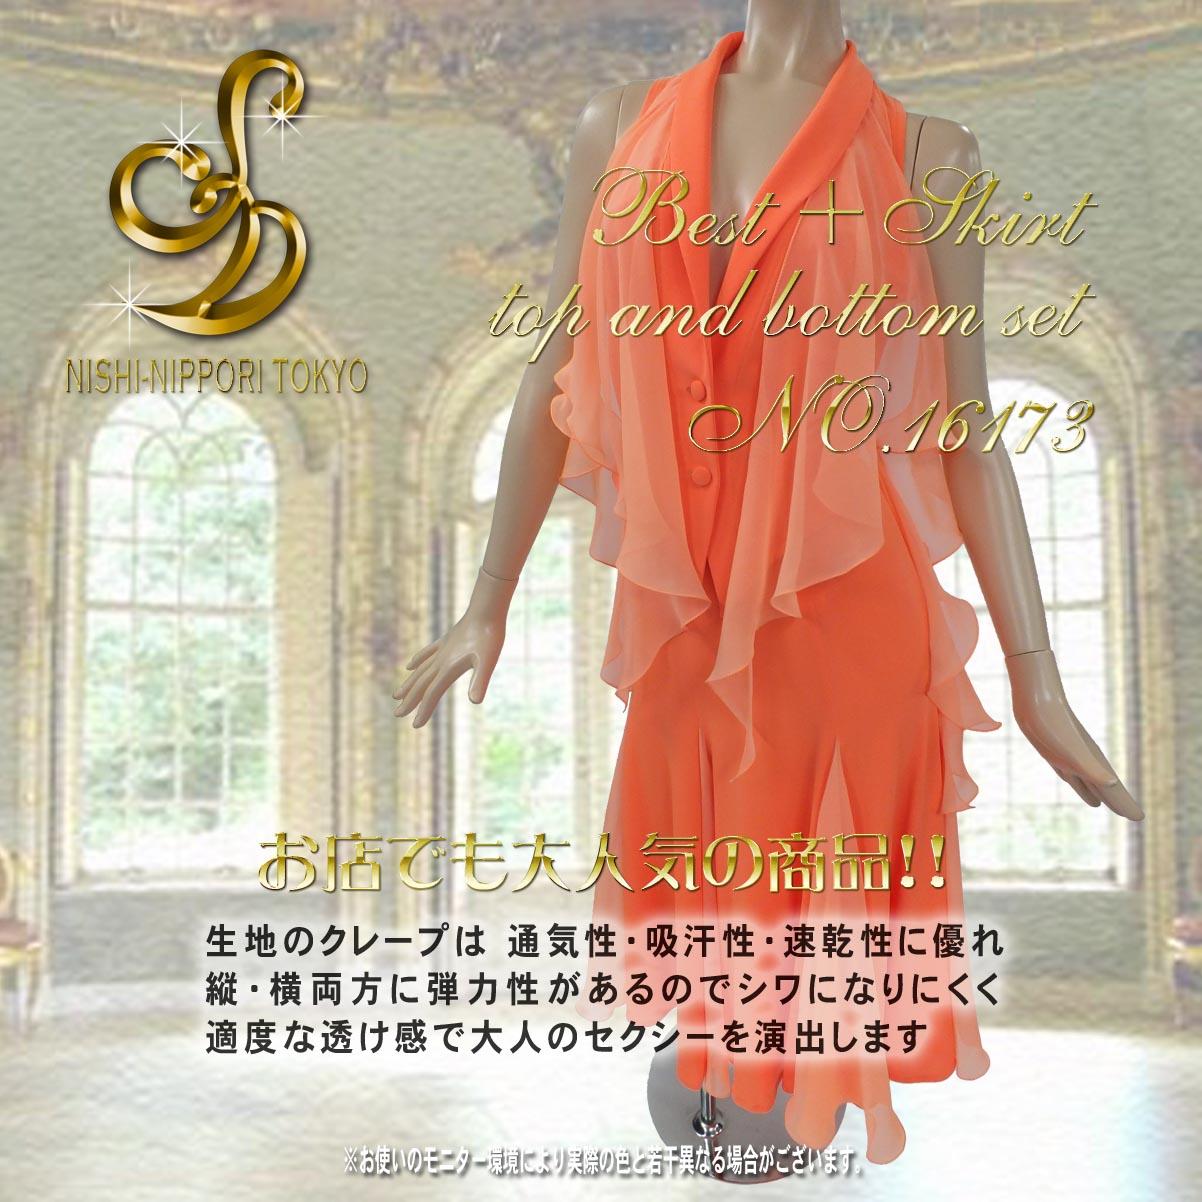 ベスト+スカート上下セット NO.16173-01